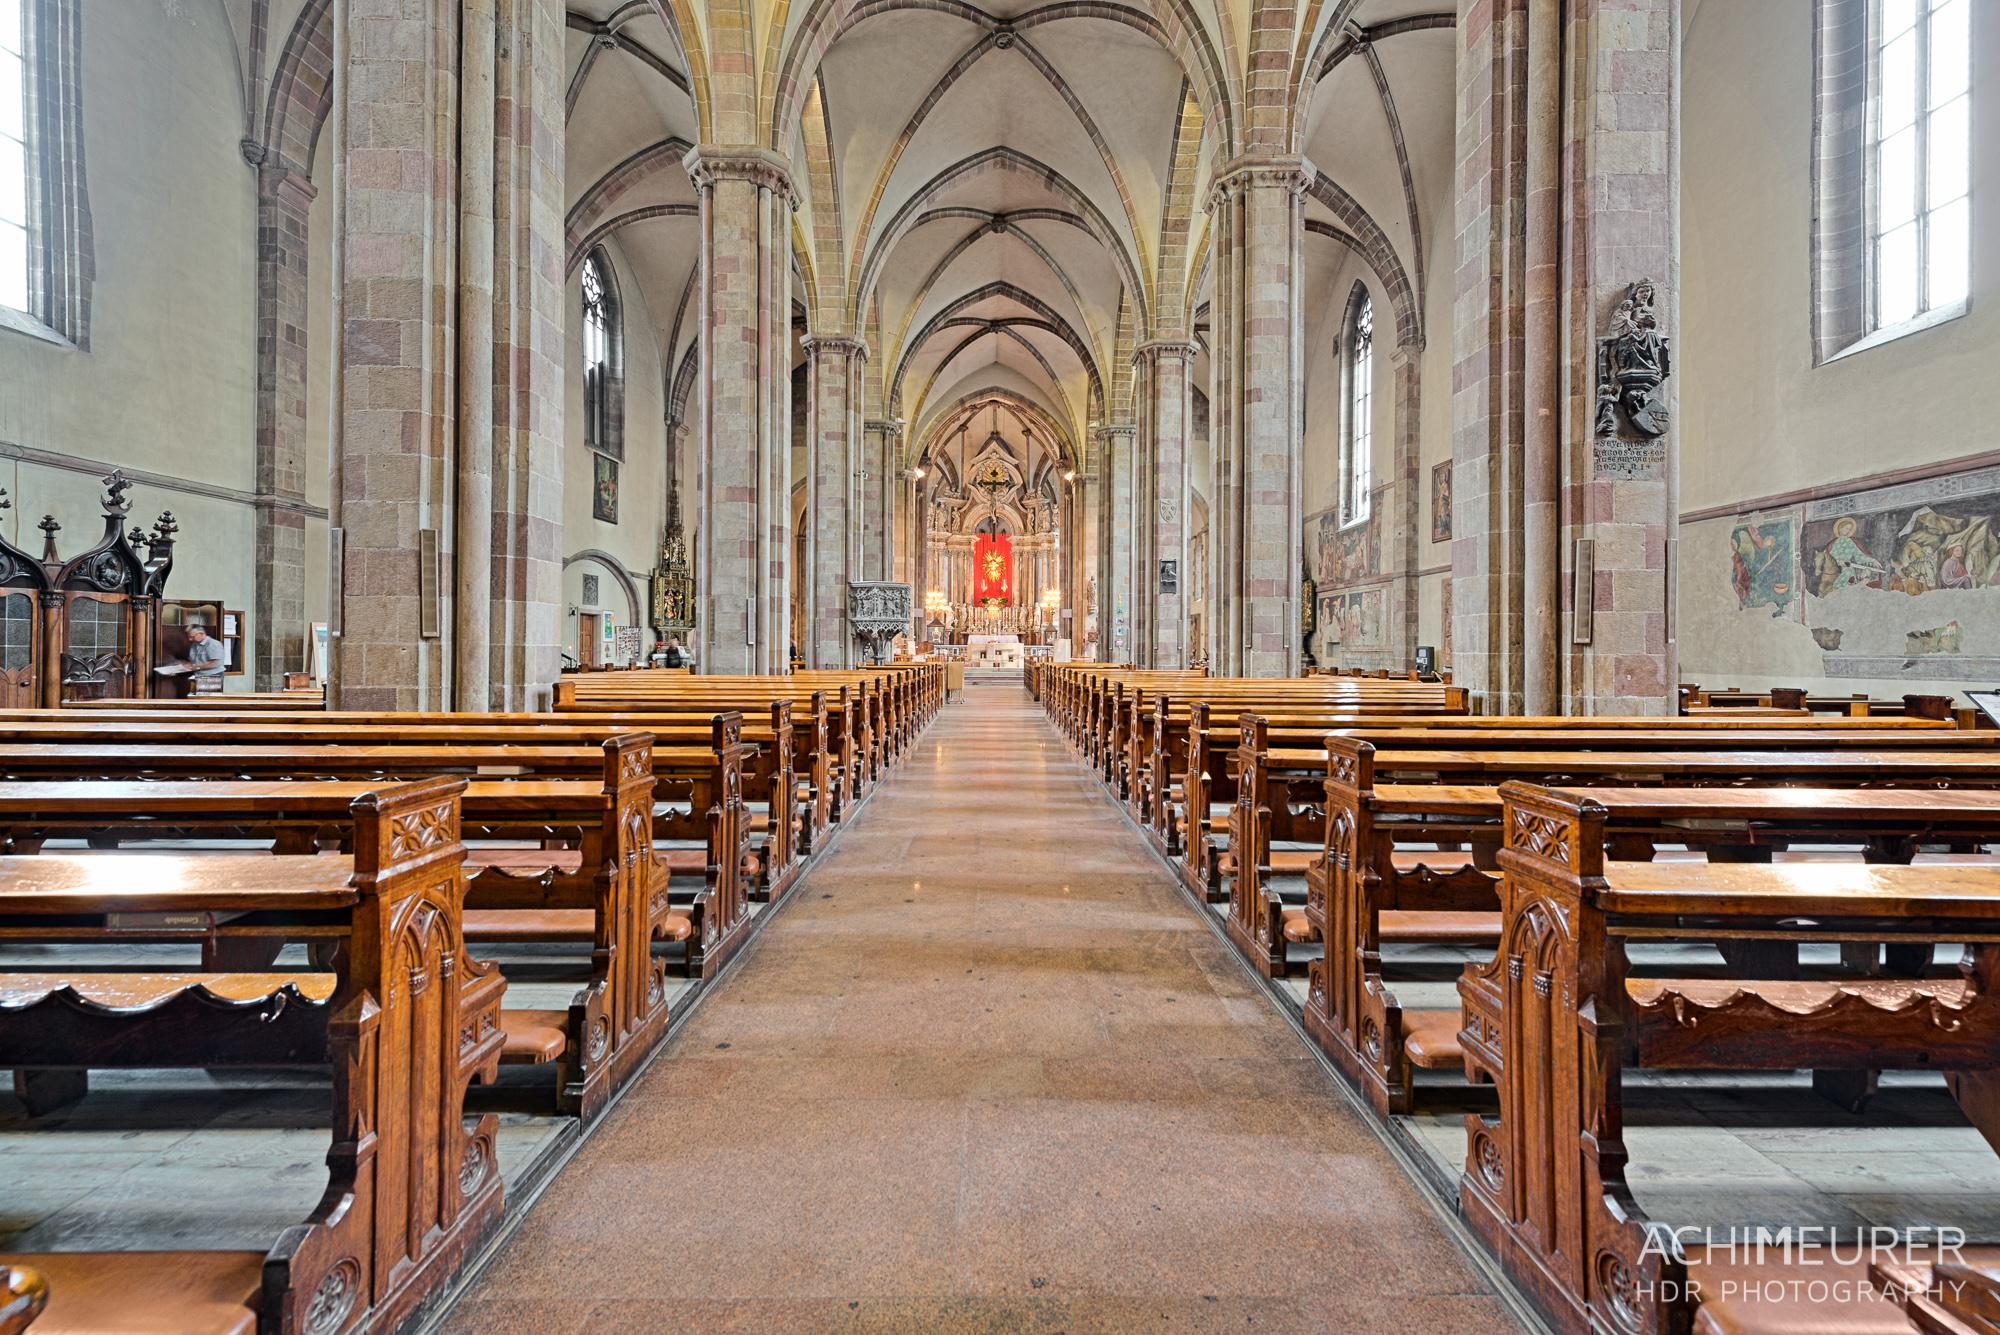 Suedtirol-Sueden-Bozen-Dom-Kirche_0701_700_699_698_697_696_695_694_HDR-Bearbeitet